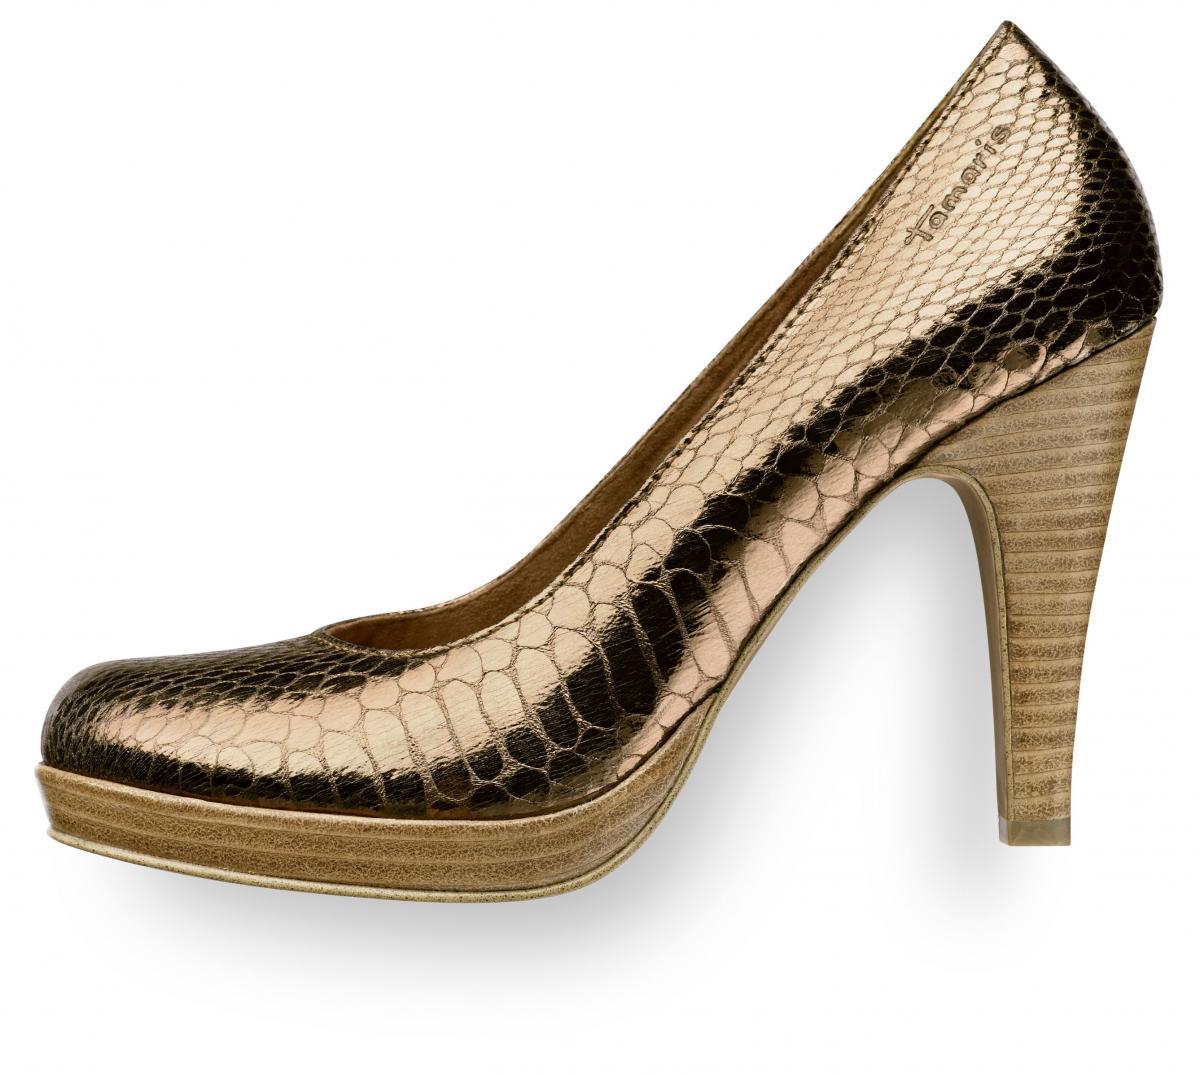 złote pantofle Tamaris na wysokim obcasie - wiosna 2011